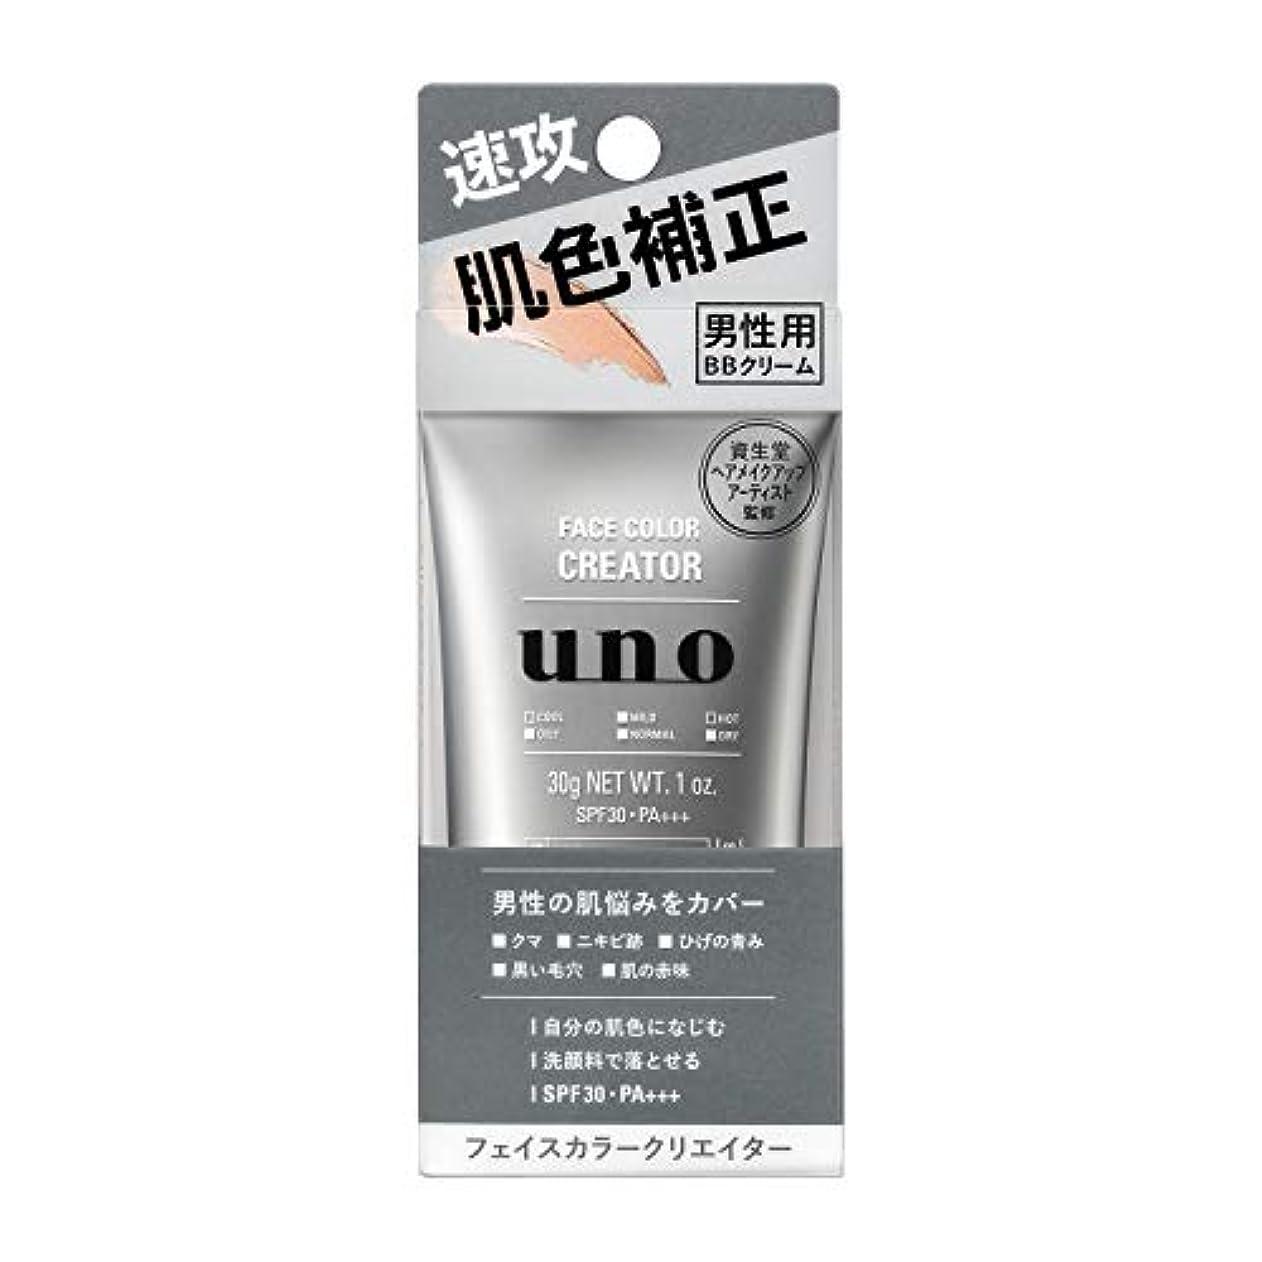 クリーム神秘ジョセフバンクスUNO(ウーノ)フェイスカラークリエイター BBクリーム メンズ SPF30 PA+++ 30g